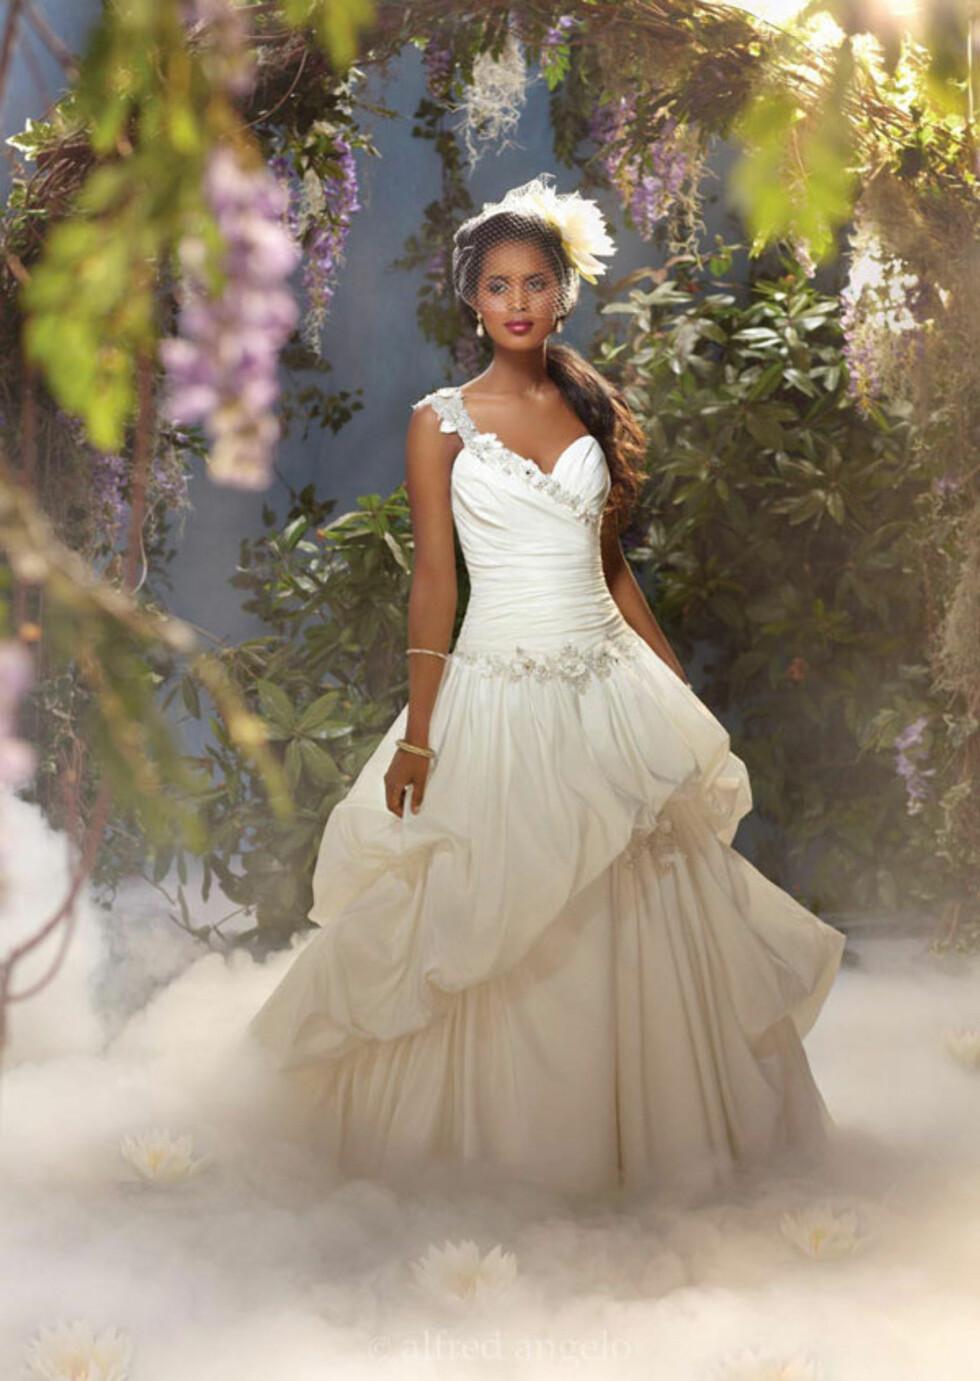 """TIANA: Dette er kjolen fra den nyeste eventyrfilmen """"Prinsessen og frosken"""". Kjolen har vakre detaljer med perler og blomster. Foto: Alfred Angelo.com"""